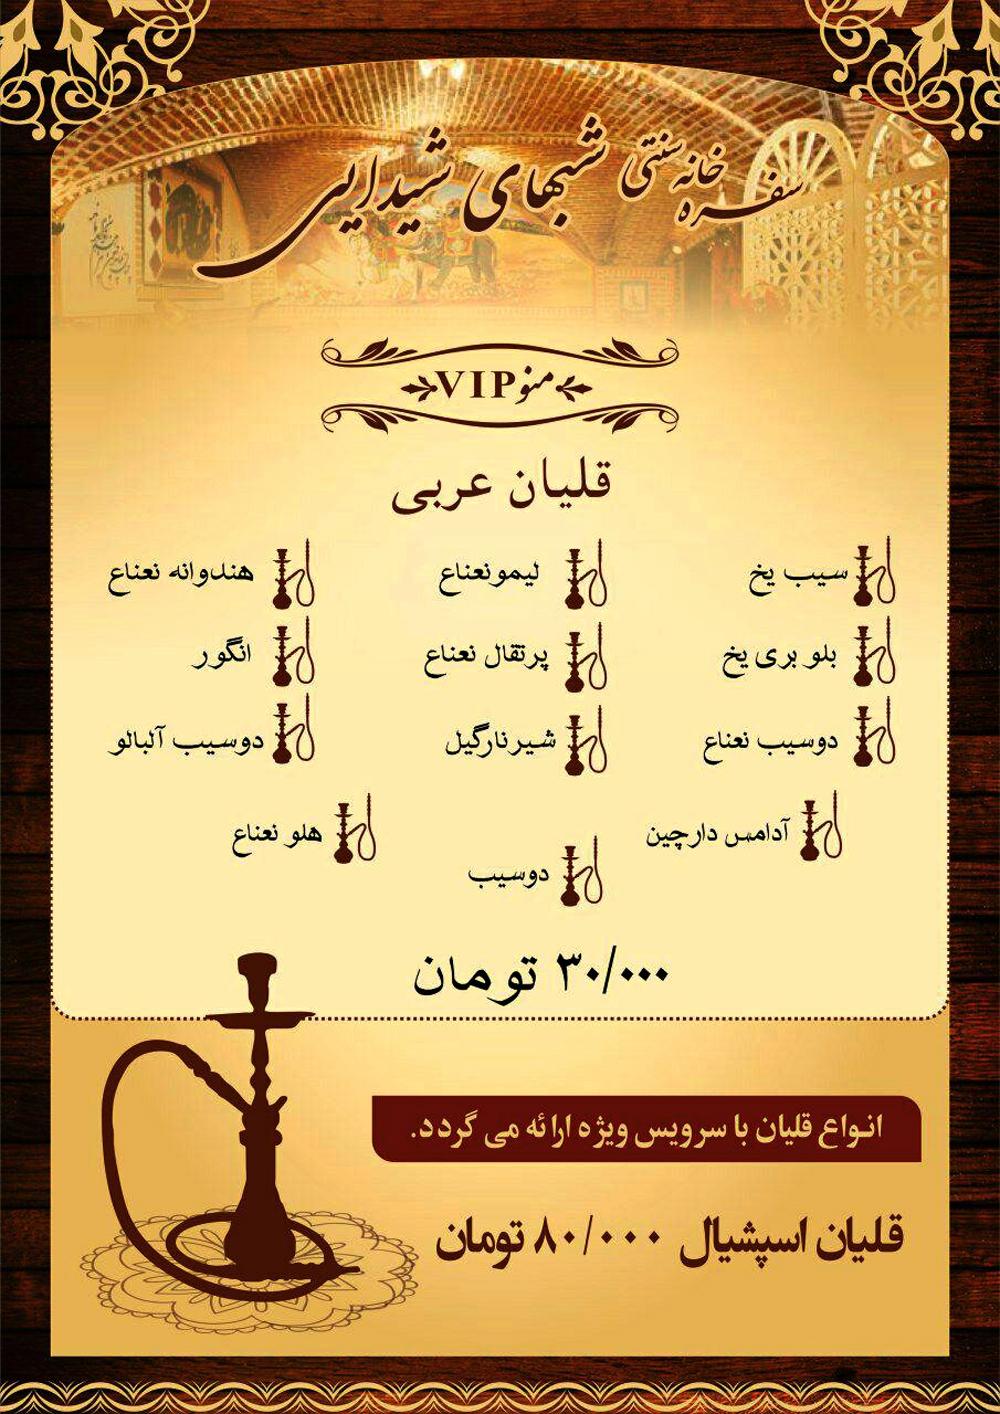 سفره خانه شبهای شیدایی با چای سنتی عربی و ...